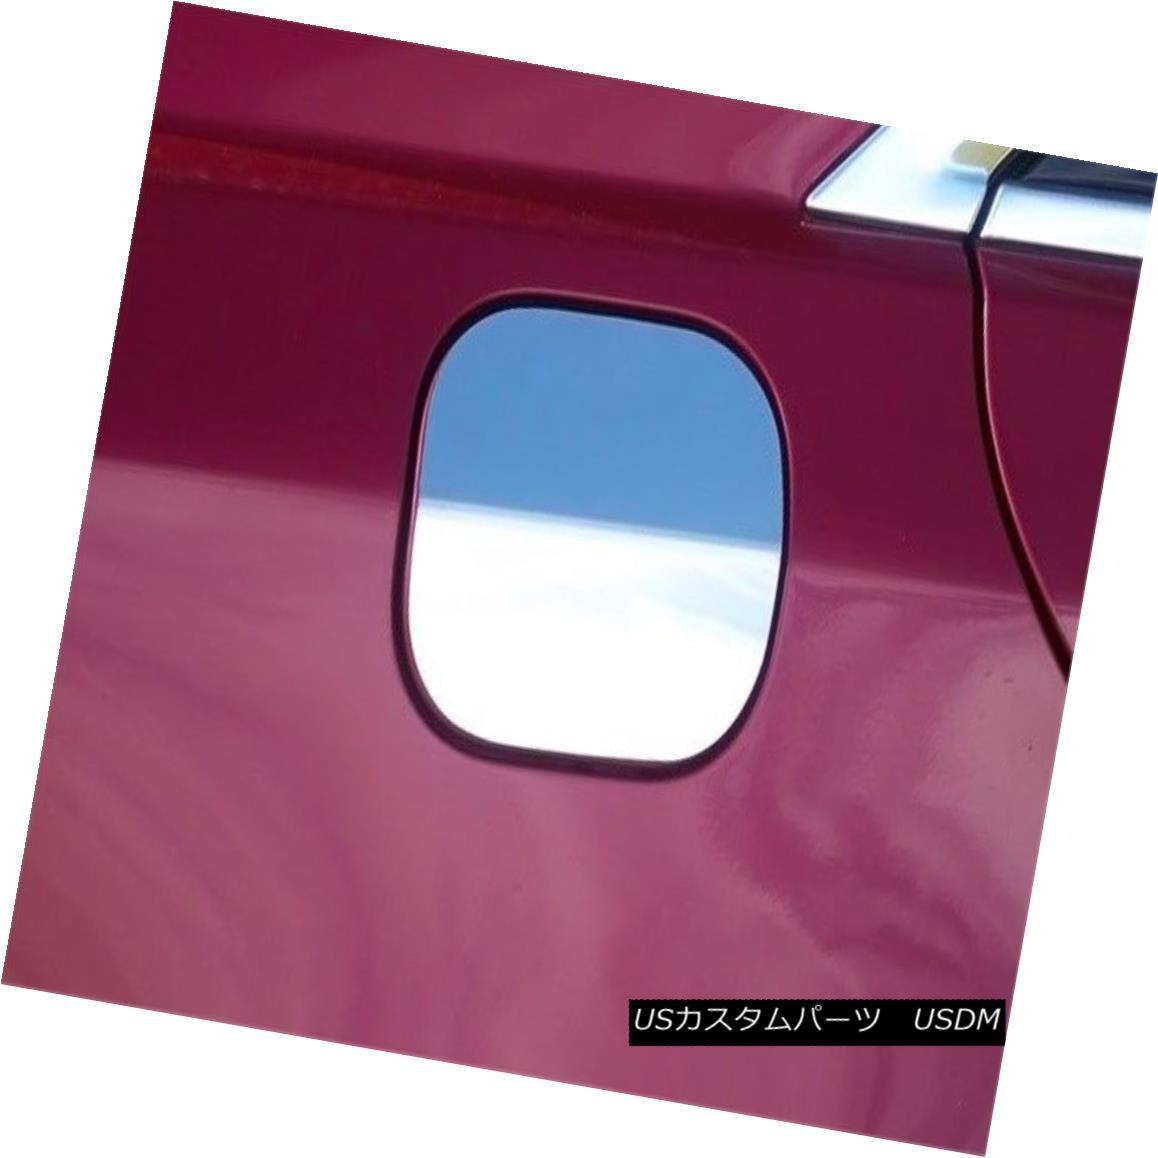 グリル Fits 2014-2016 CADILLAC CTS 4-door -Stainless Steel GAS CAP DOOR フィット2014-2016 CADILLAC CTS 4ドア - ステンレススチールGAS CAP DOOR